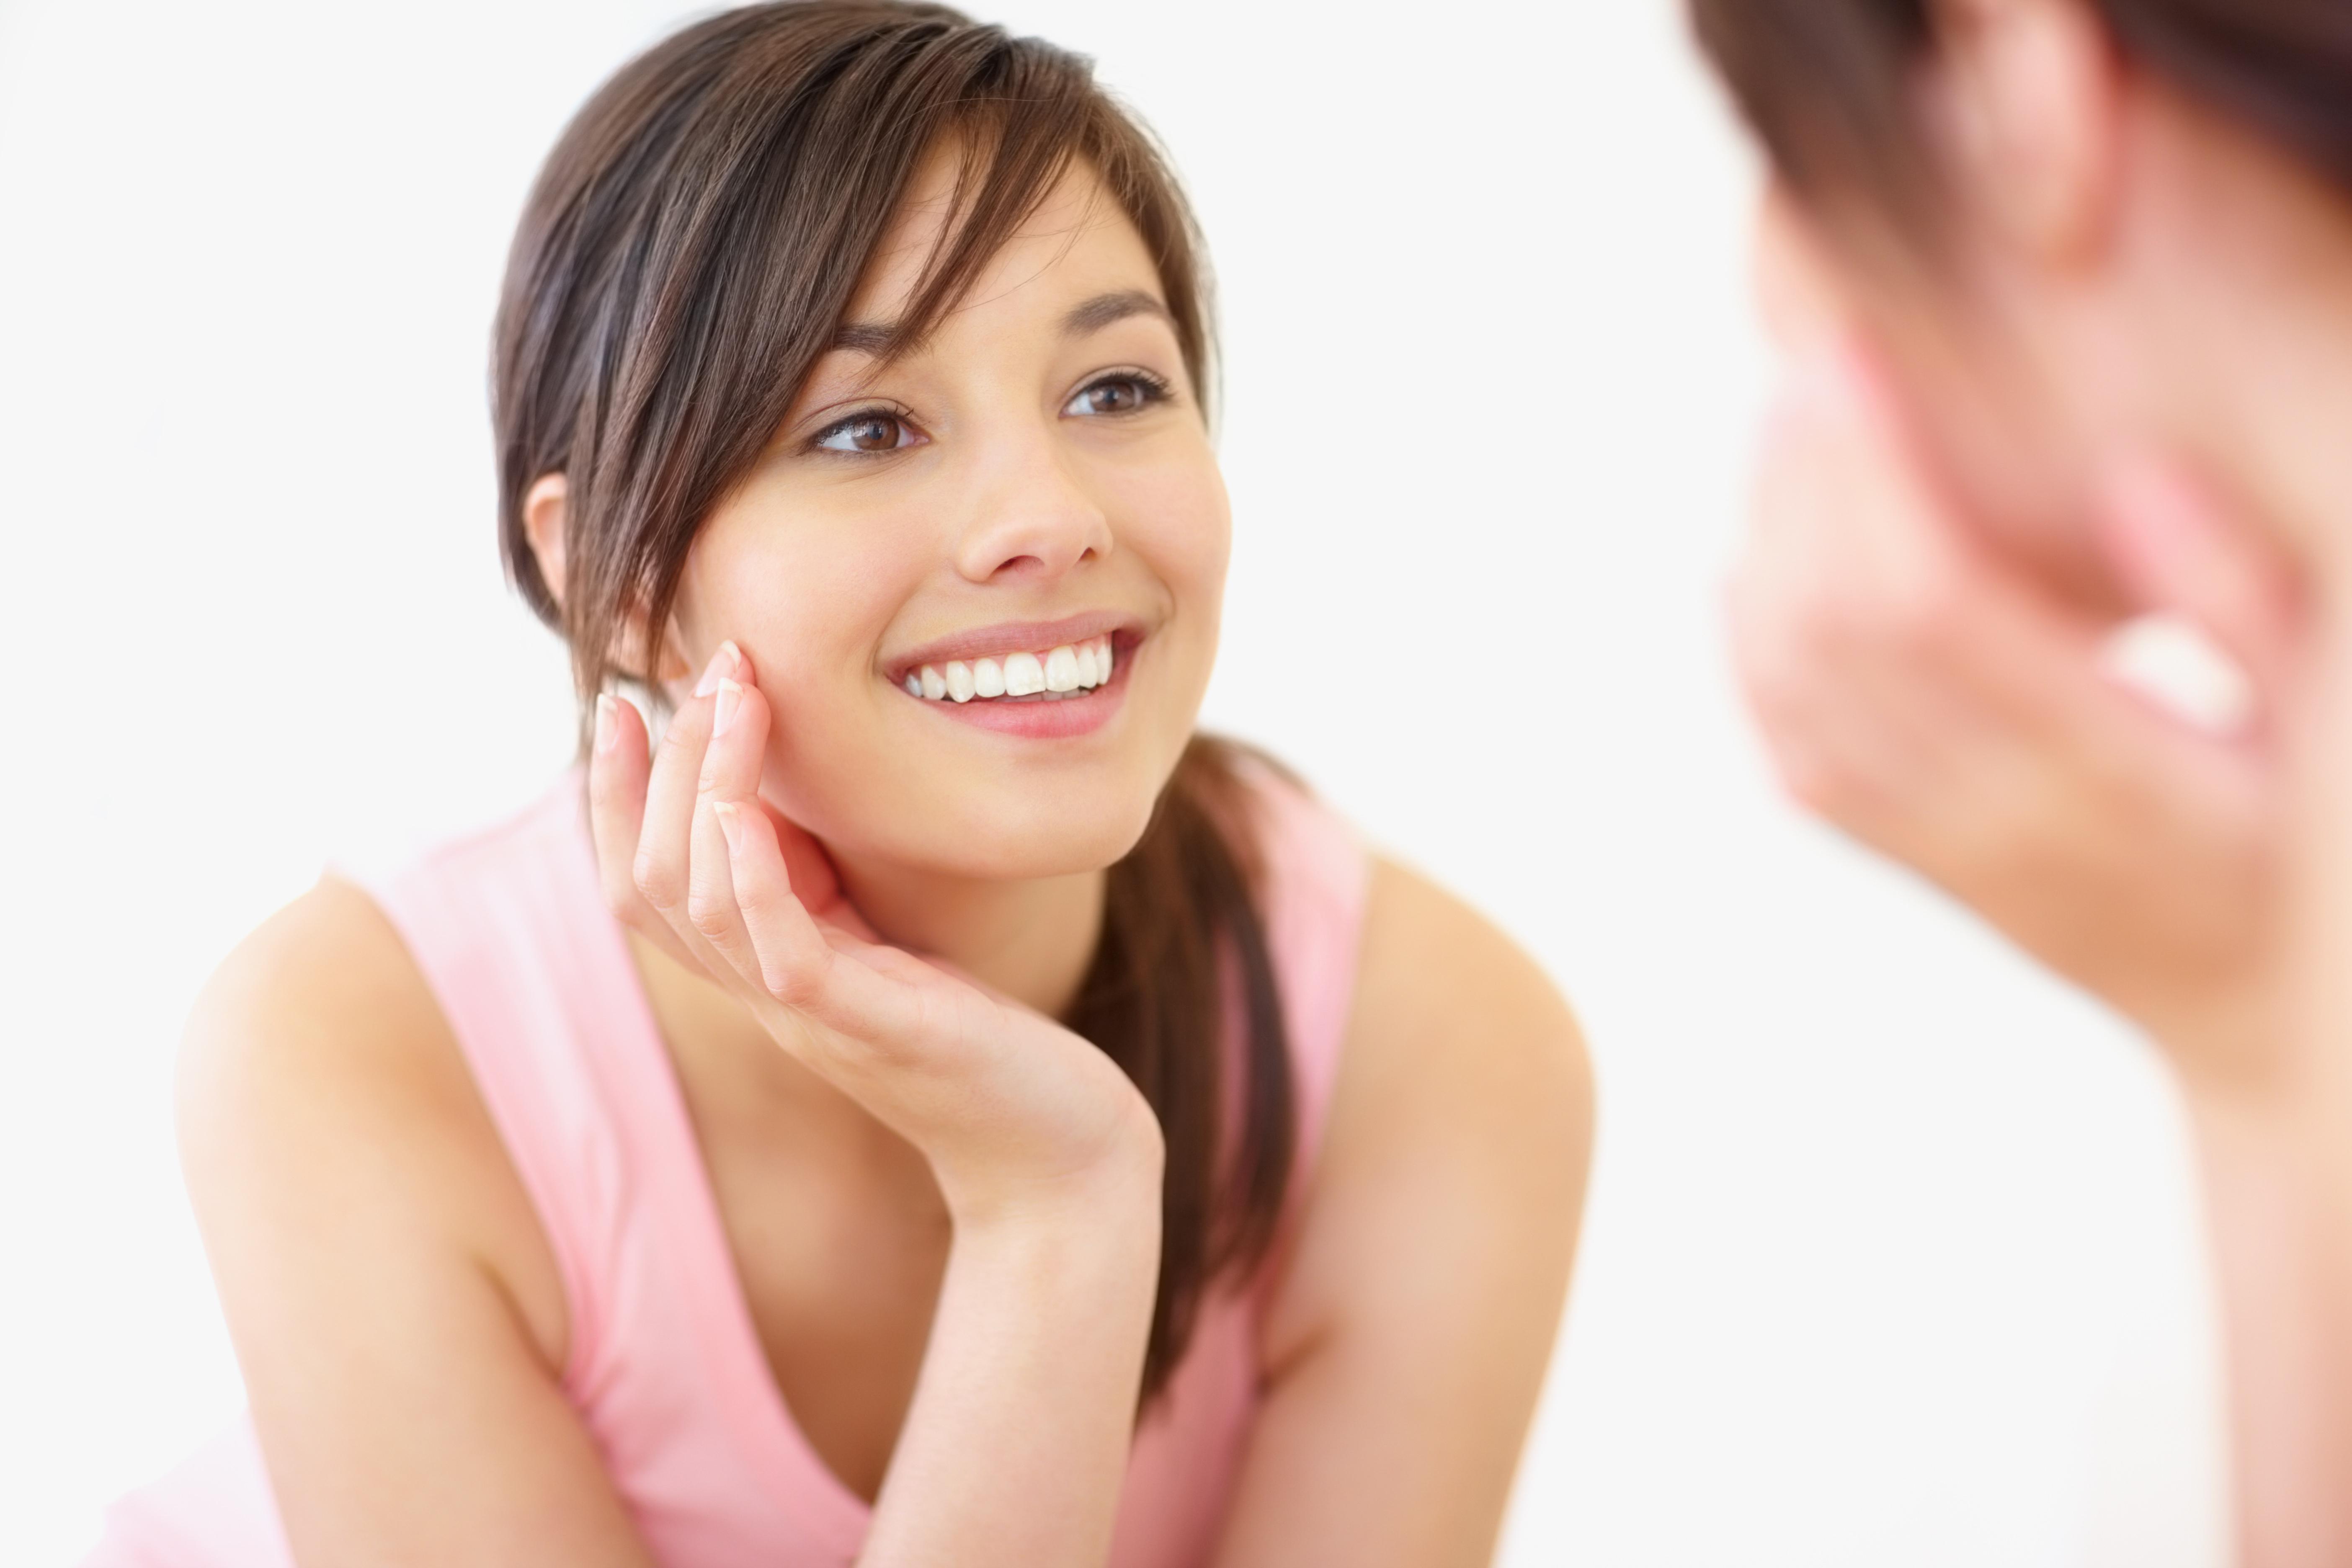 Dibiasakan Yuk Ini 5 Manfaat Minum Air Lemon Hangat Setiap Hari Untuk Kesehatan Tubuh Beauty Journal